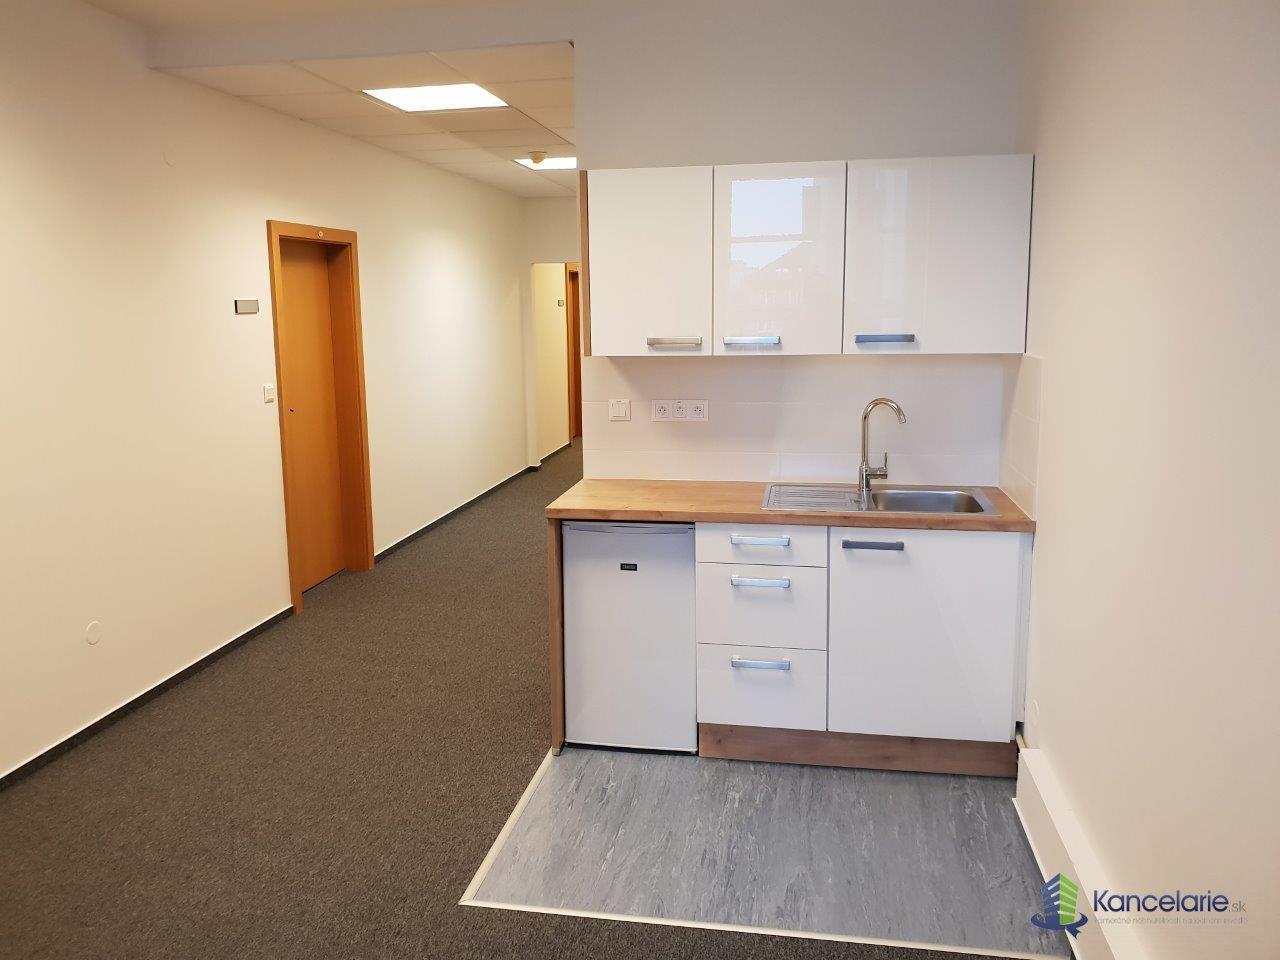 Administratívna budova DOAS, AB DOAS - 4.poschodie flexifloor, Košická 56, Bratislava